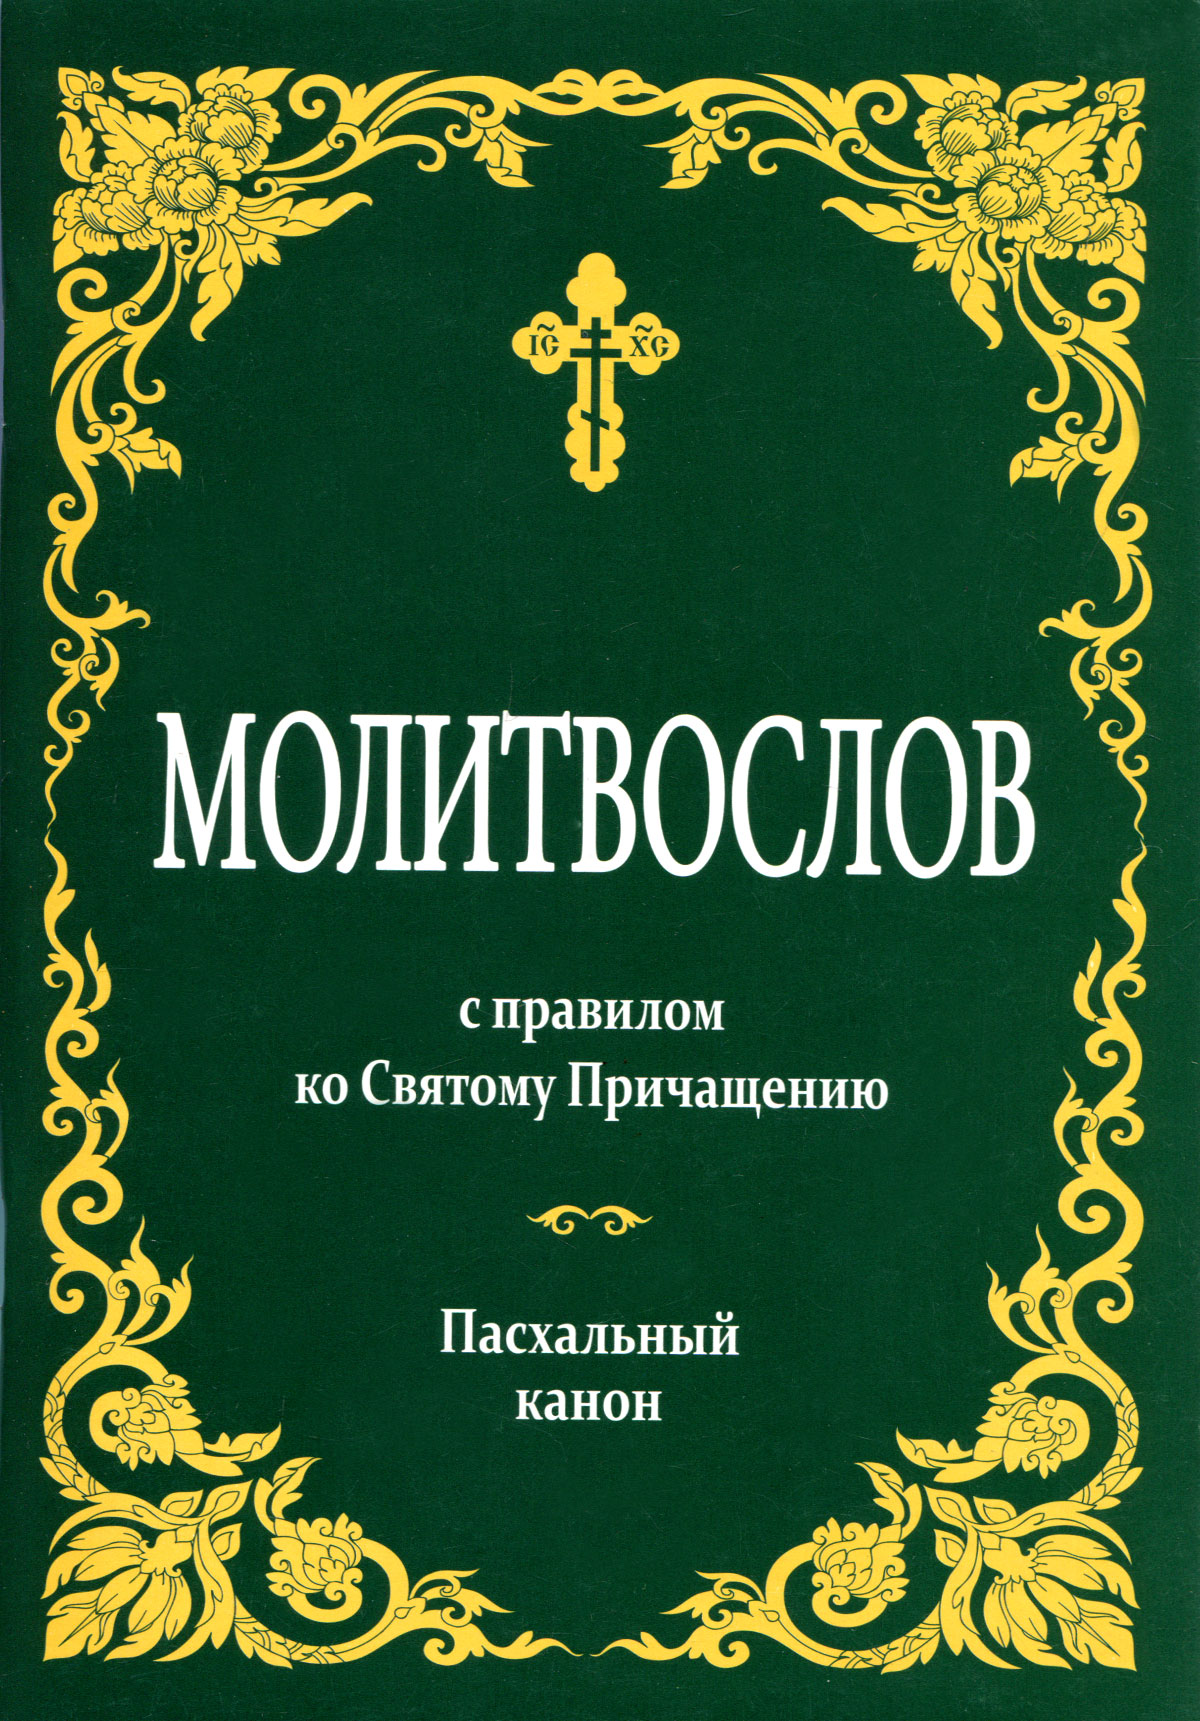 Молитвослов с правилом ко Святому Причащению. Пасхальный канон молитвослов православного христианинас правилом ко святому причащению